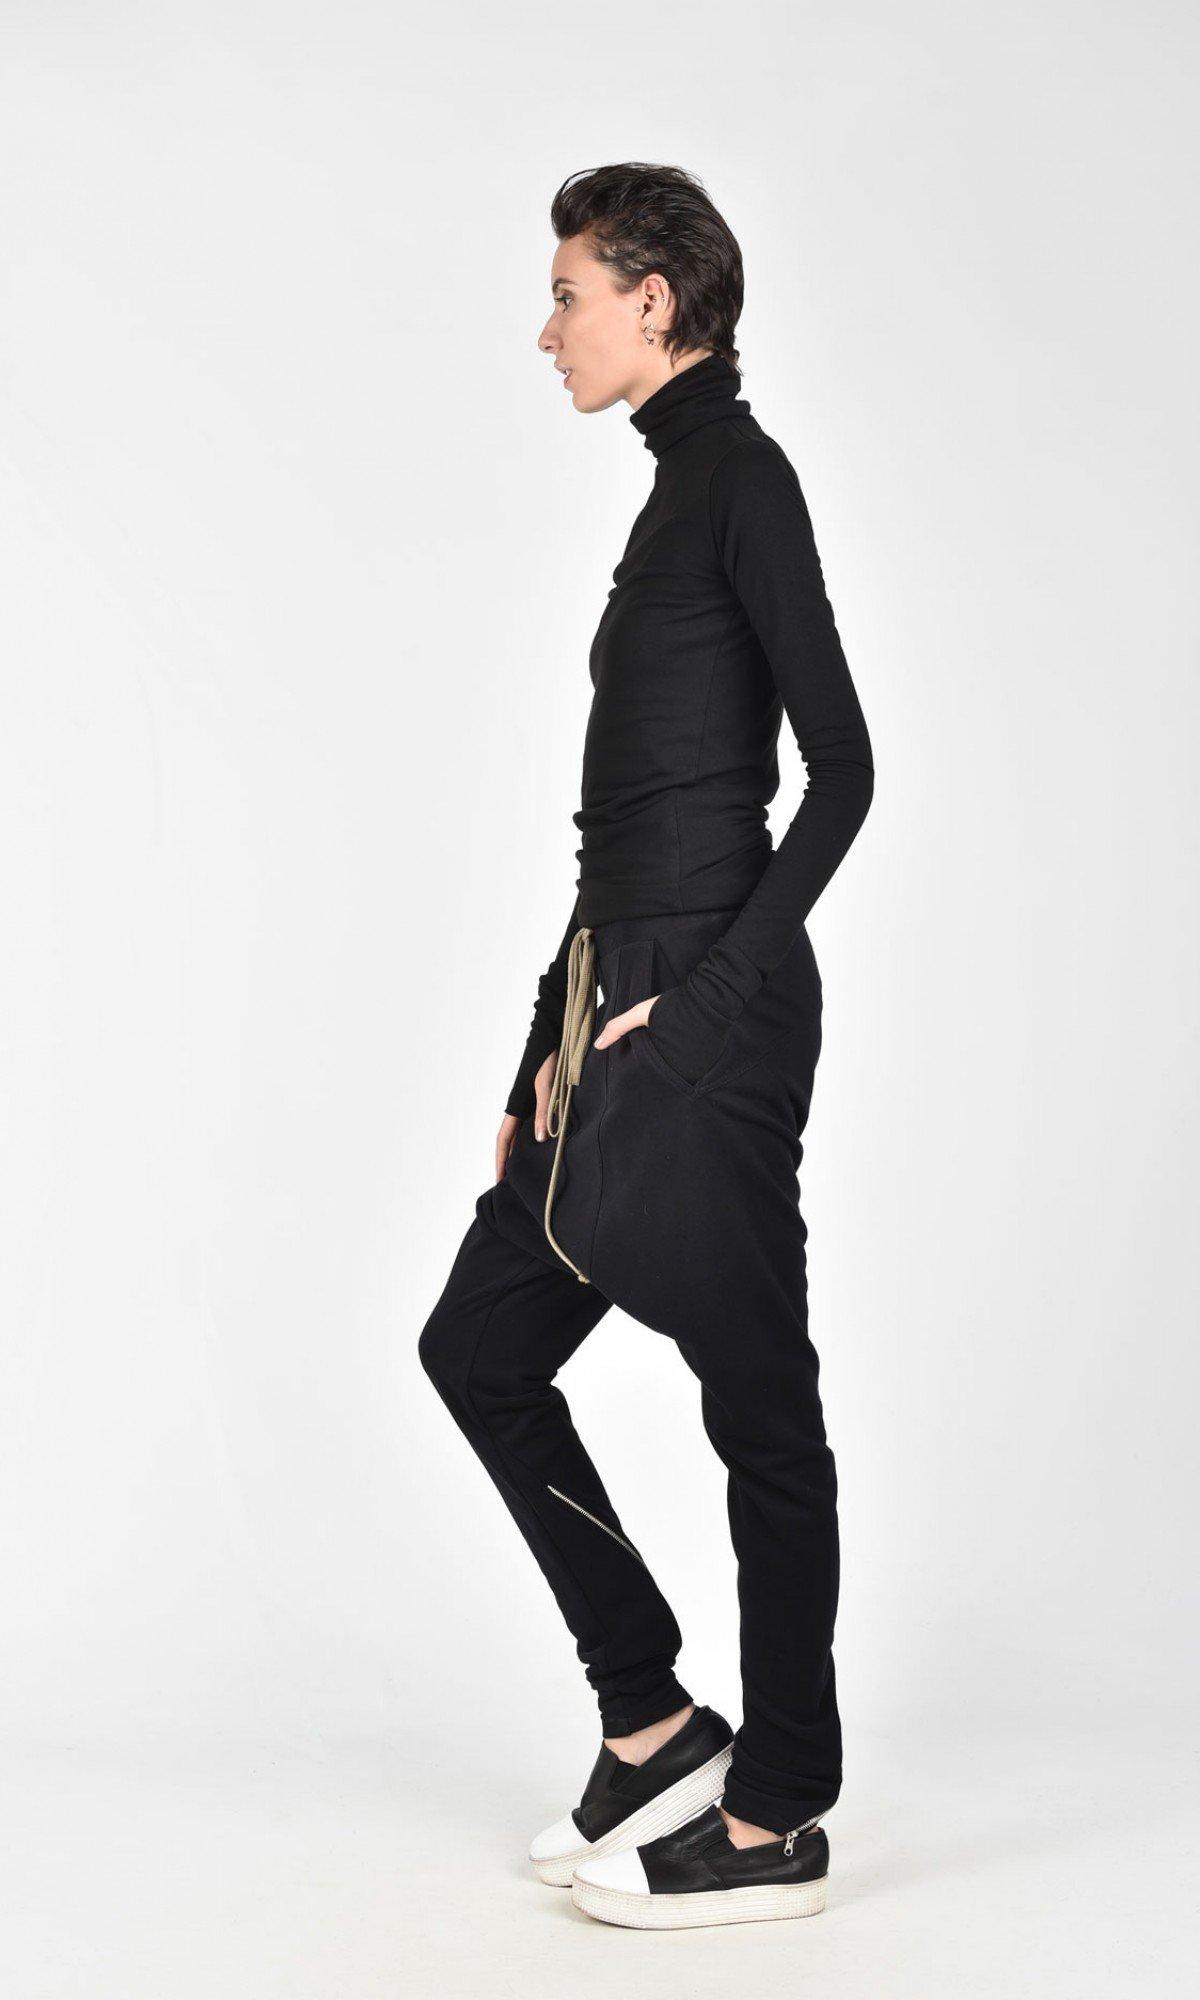 Loose drop crotch zipper pants A05737